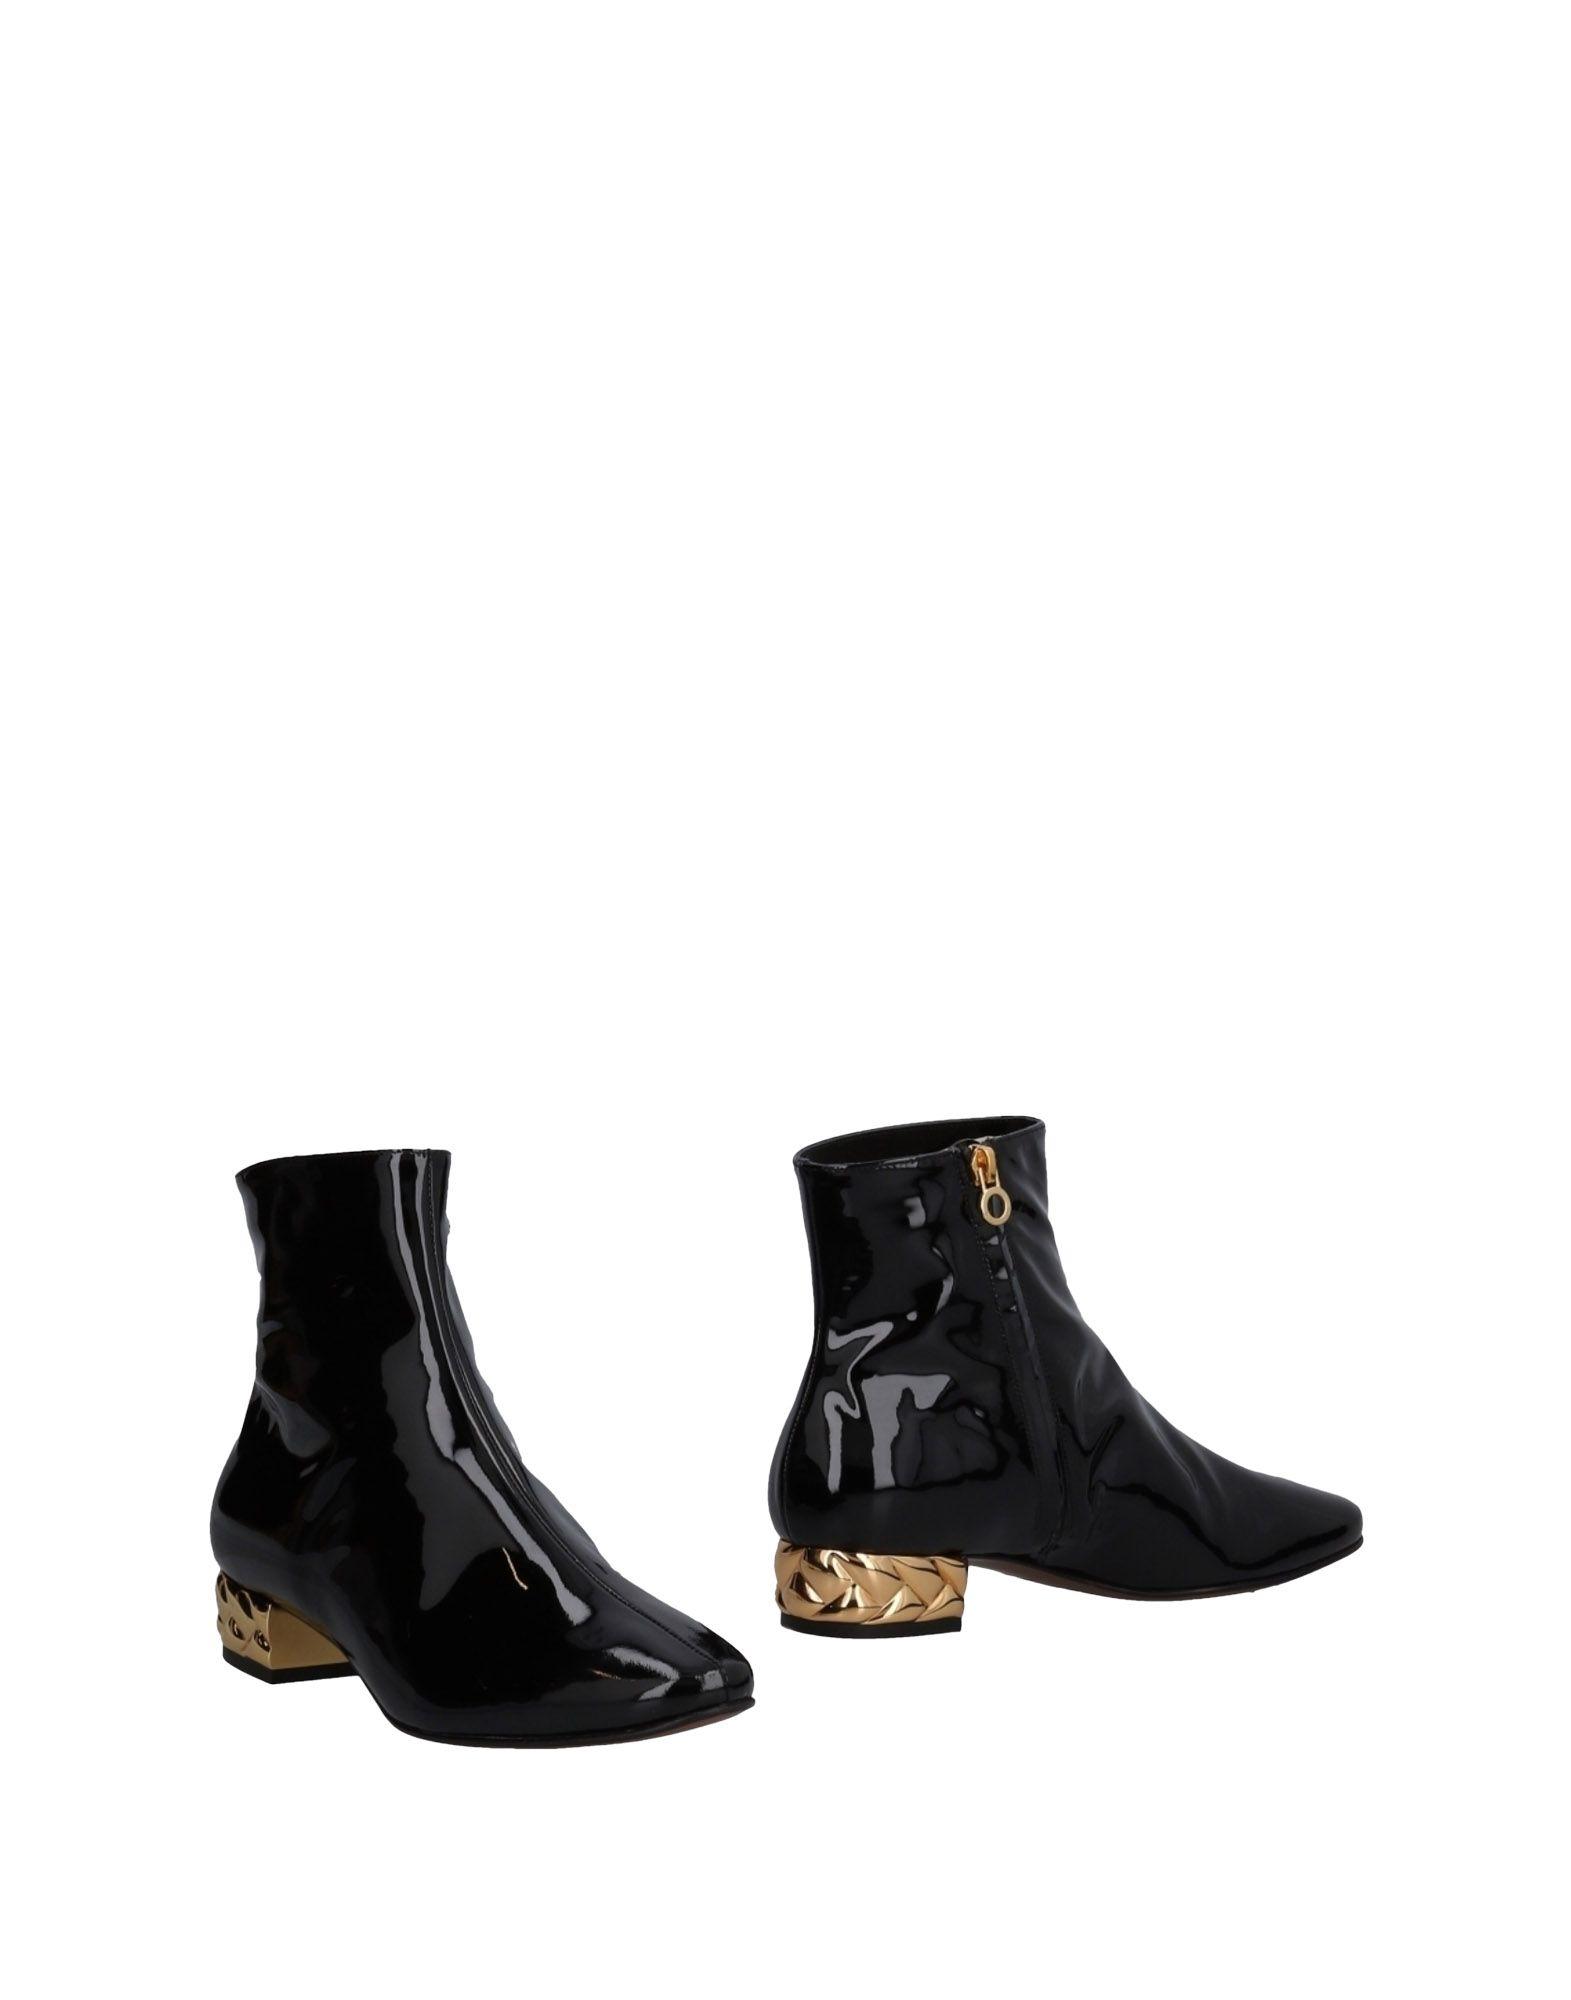 Bottine L' Autre Chose Femme - Bottines L' Autre Chose Noir Meilleur modèle de vente